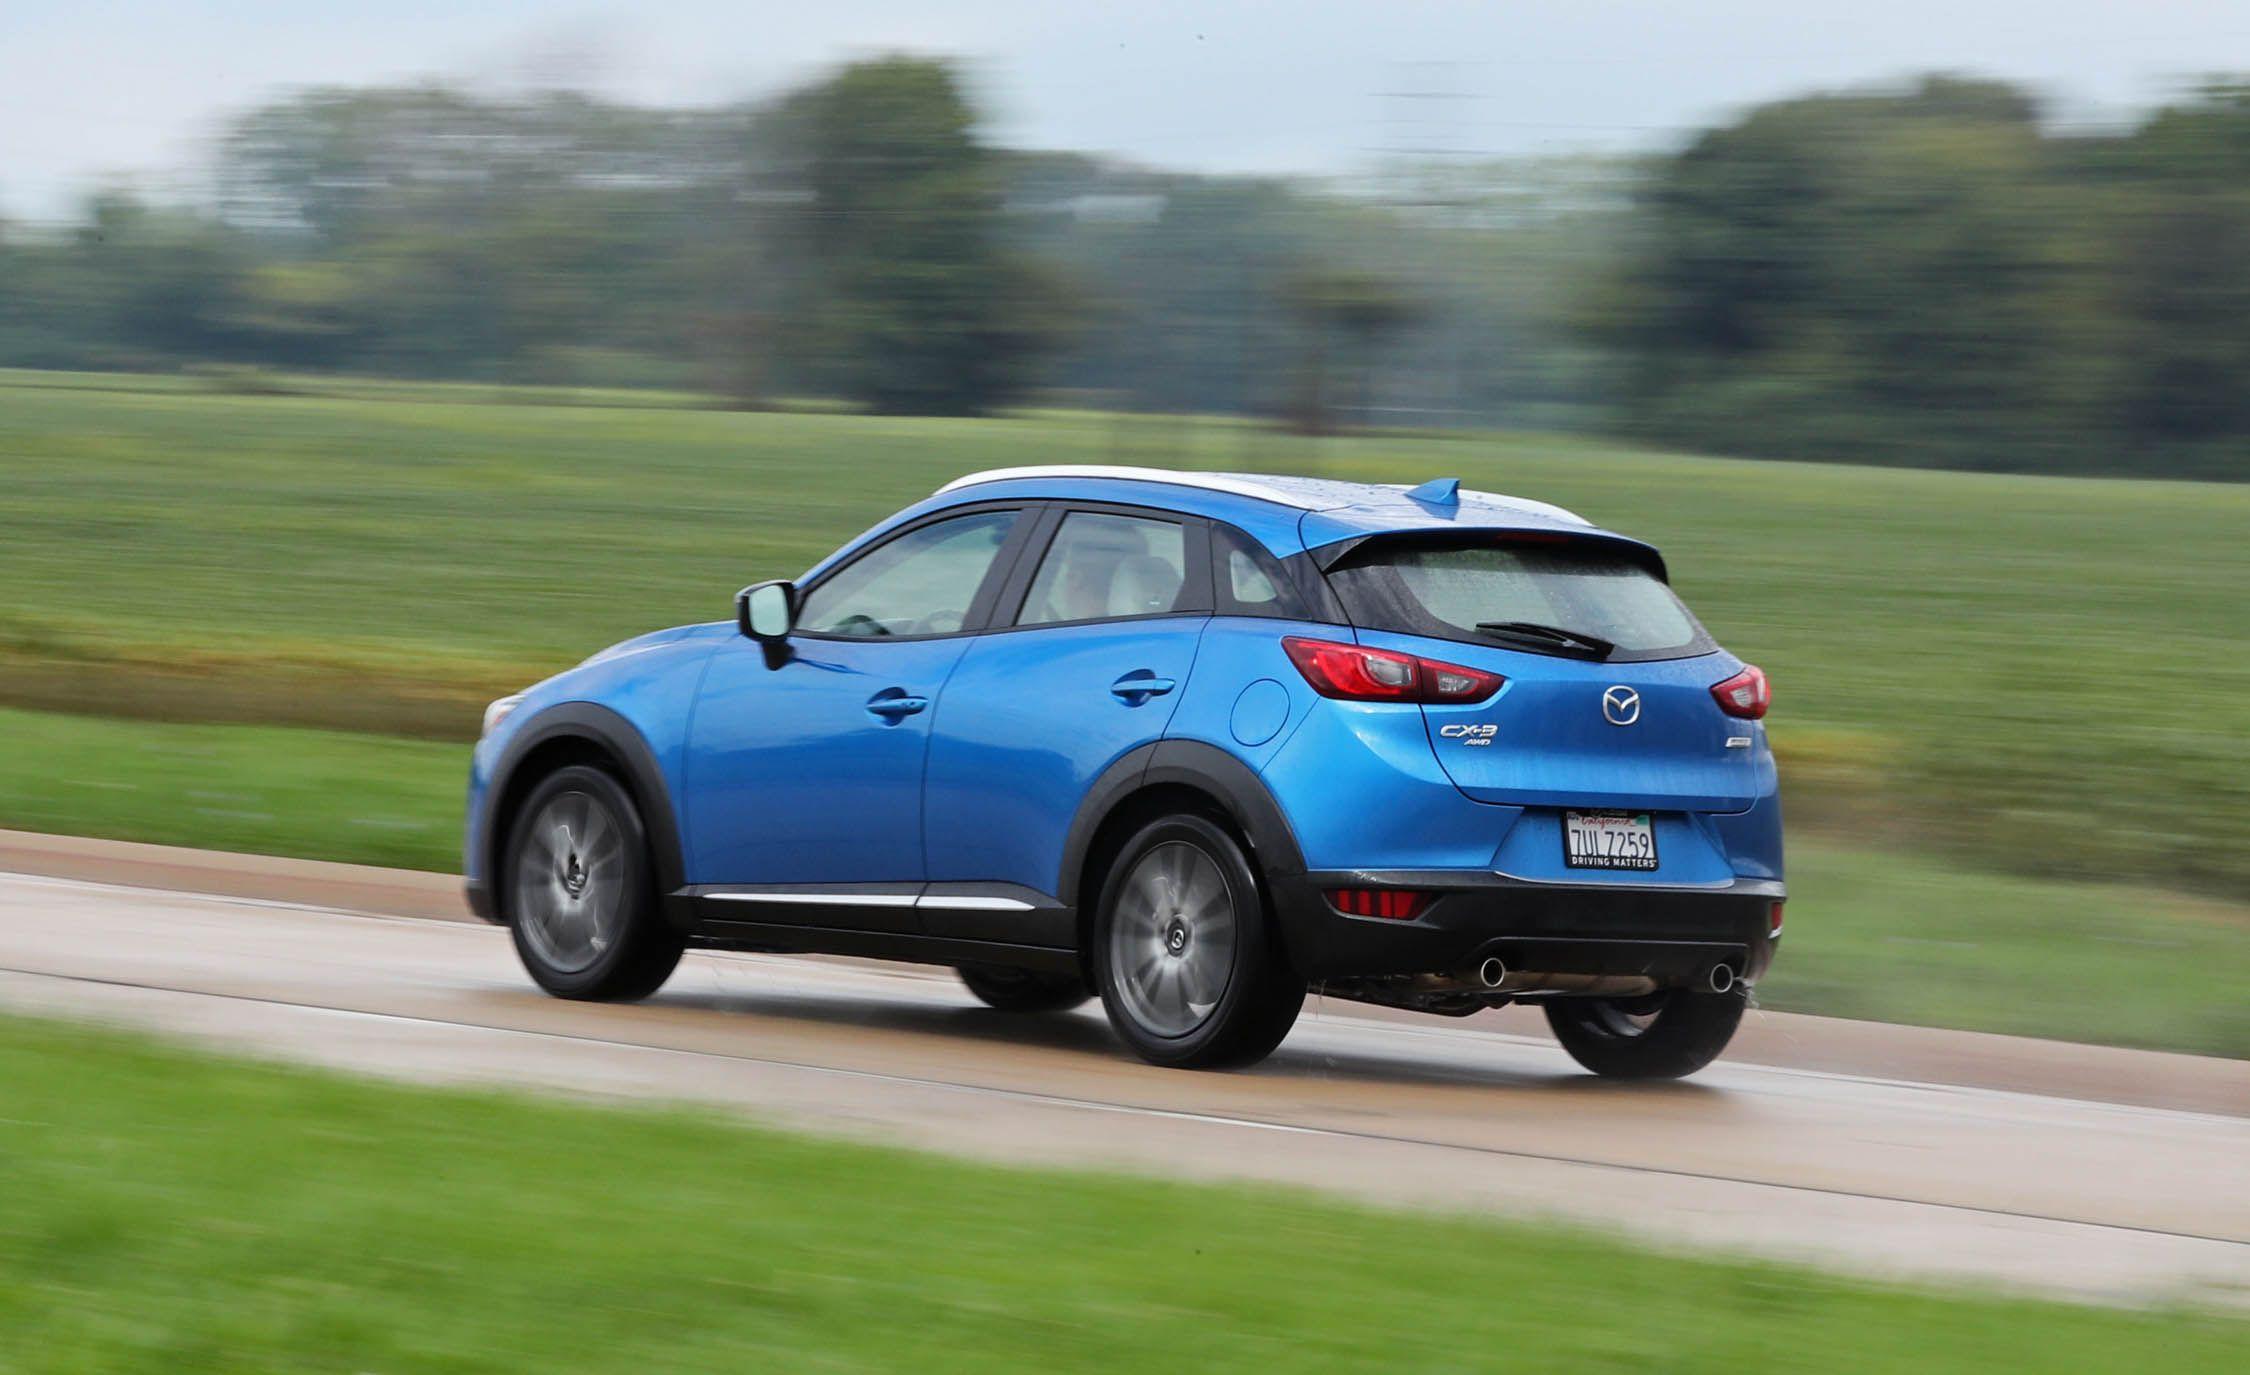 2019 Mazda Cx 3 Reviews Mazda Cx 3 Price Photos And Specs Car